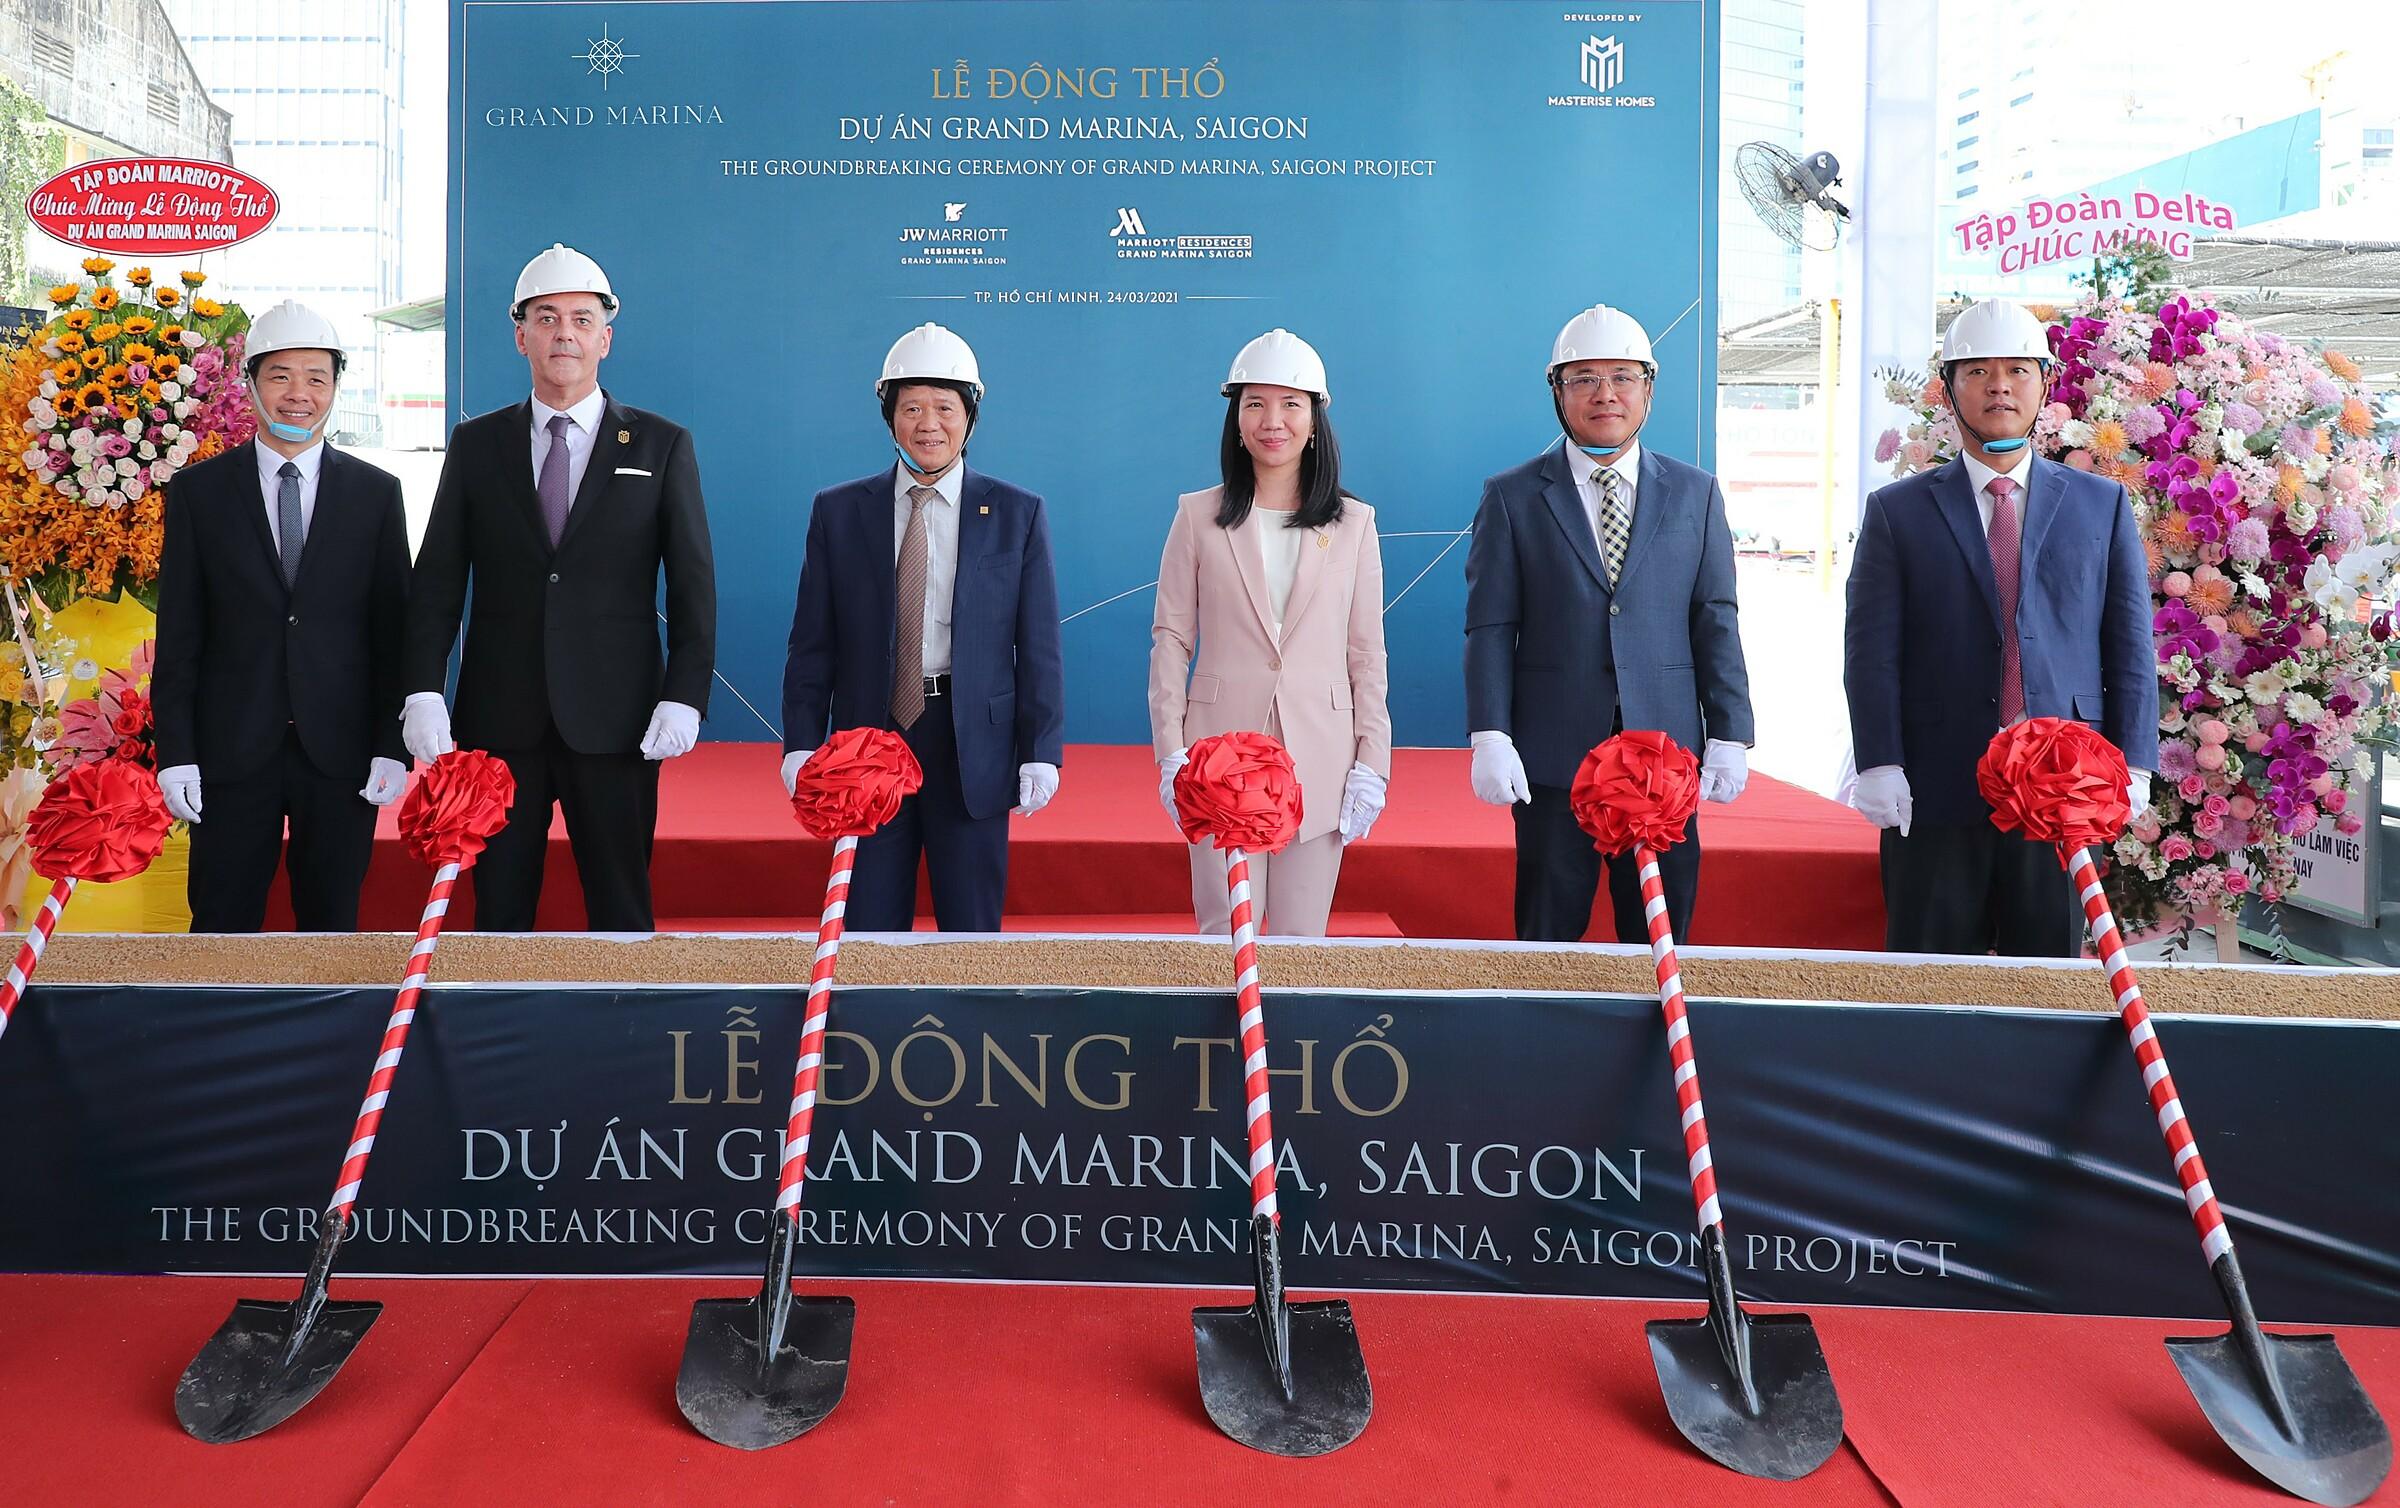 Đại diện Marriott International, Masterise Homes, và các nhà thầu chính của dự án Grand Marina, Saigon gồm An Phong Group, DeltaGroup và Newtecons thực hiện nghi thức động thổ. Ảnh: Masterise Homes.